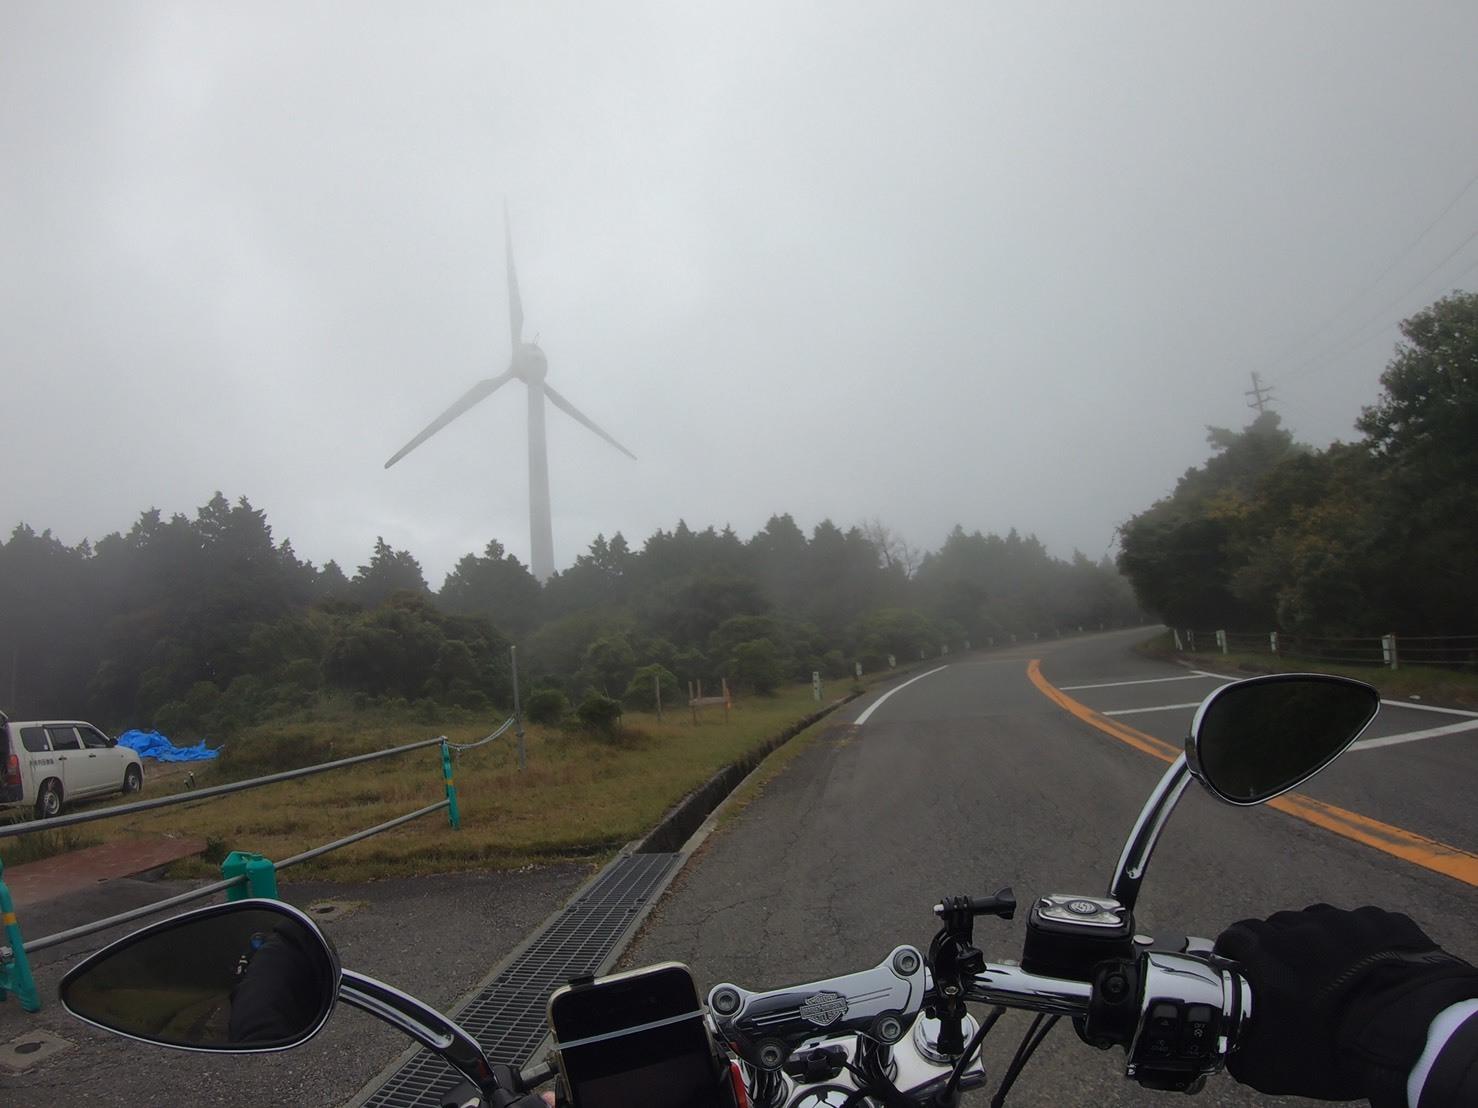 ぴーきちハーレーブログ 青山高原 風力発電 雲の中 霧